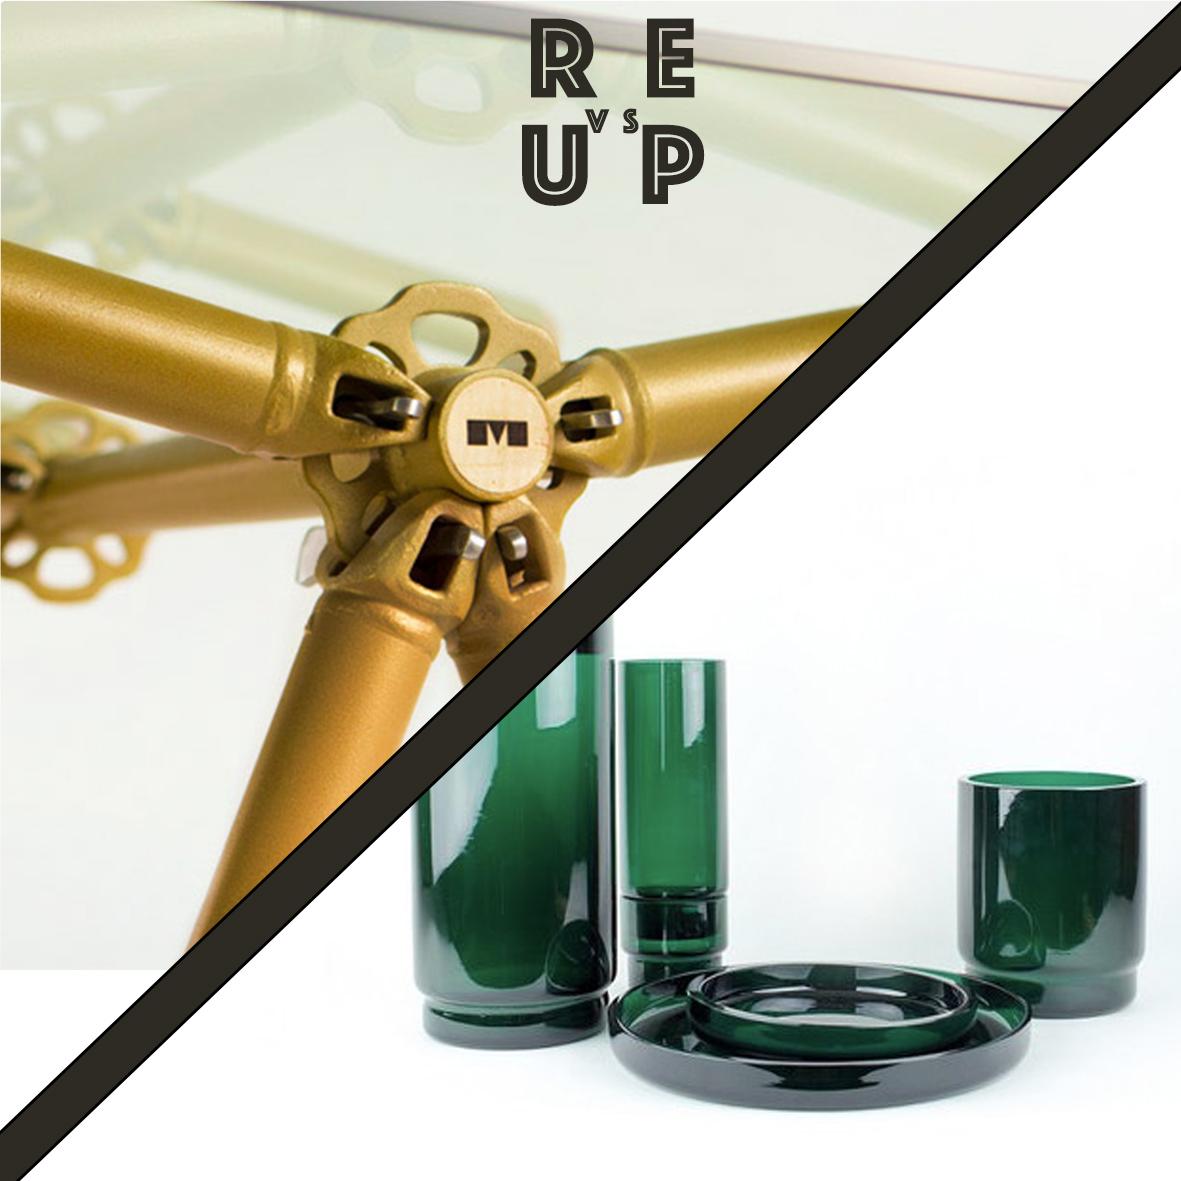 UP vs RE.jpg